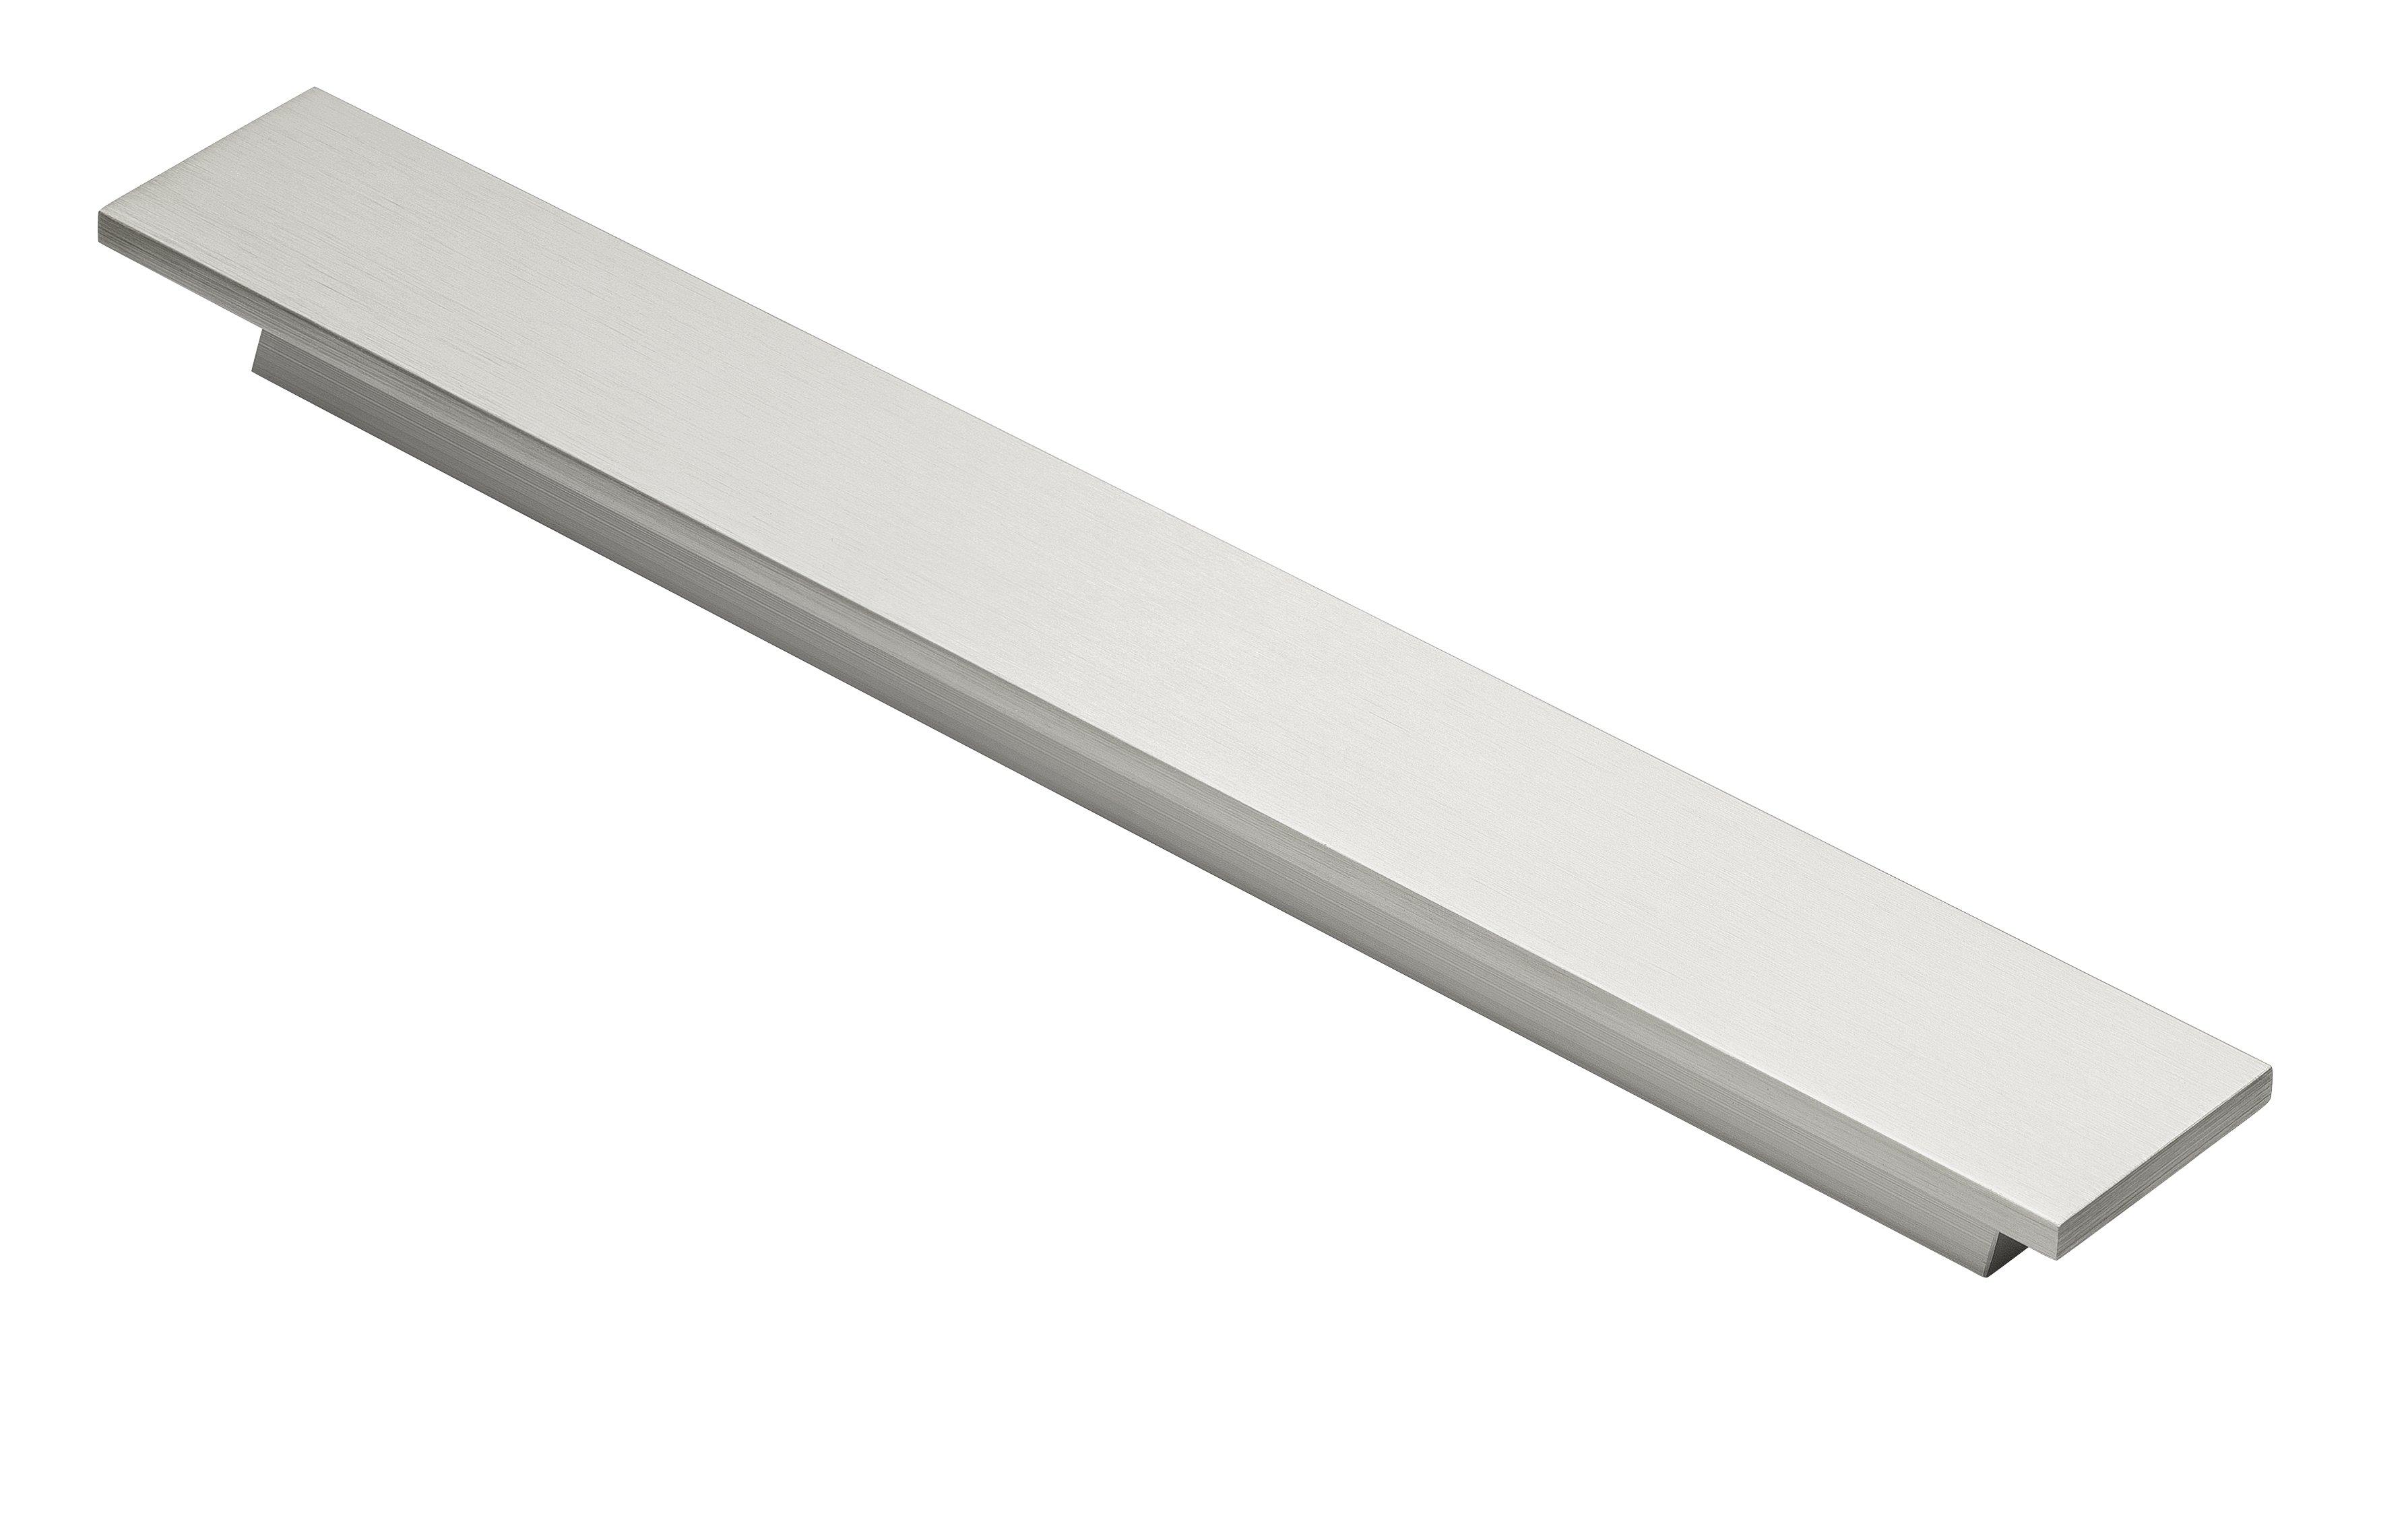 Türgriff Longline, Comfortline, Topline, grau, Aluminium -